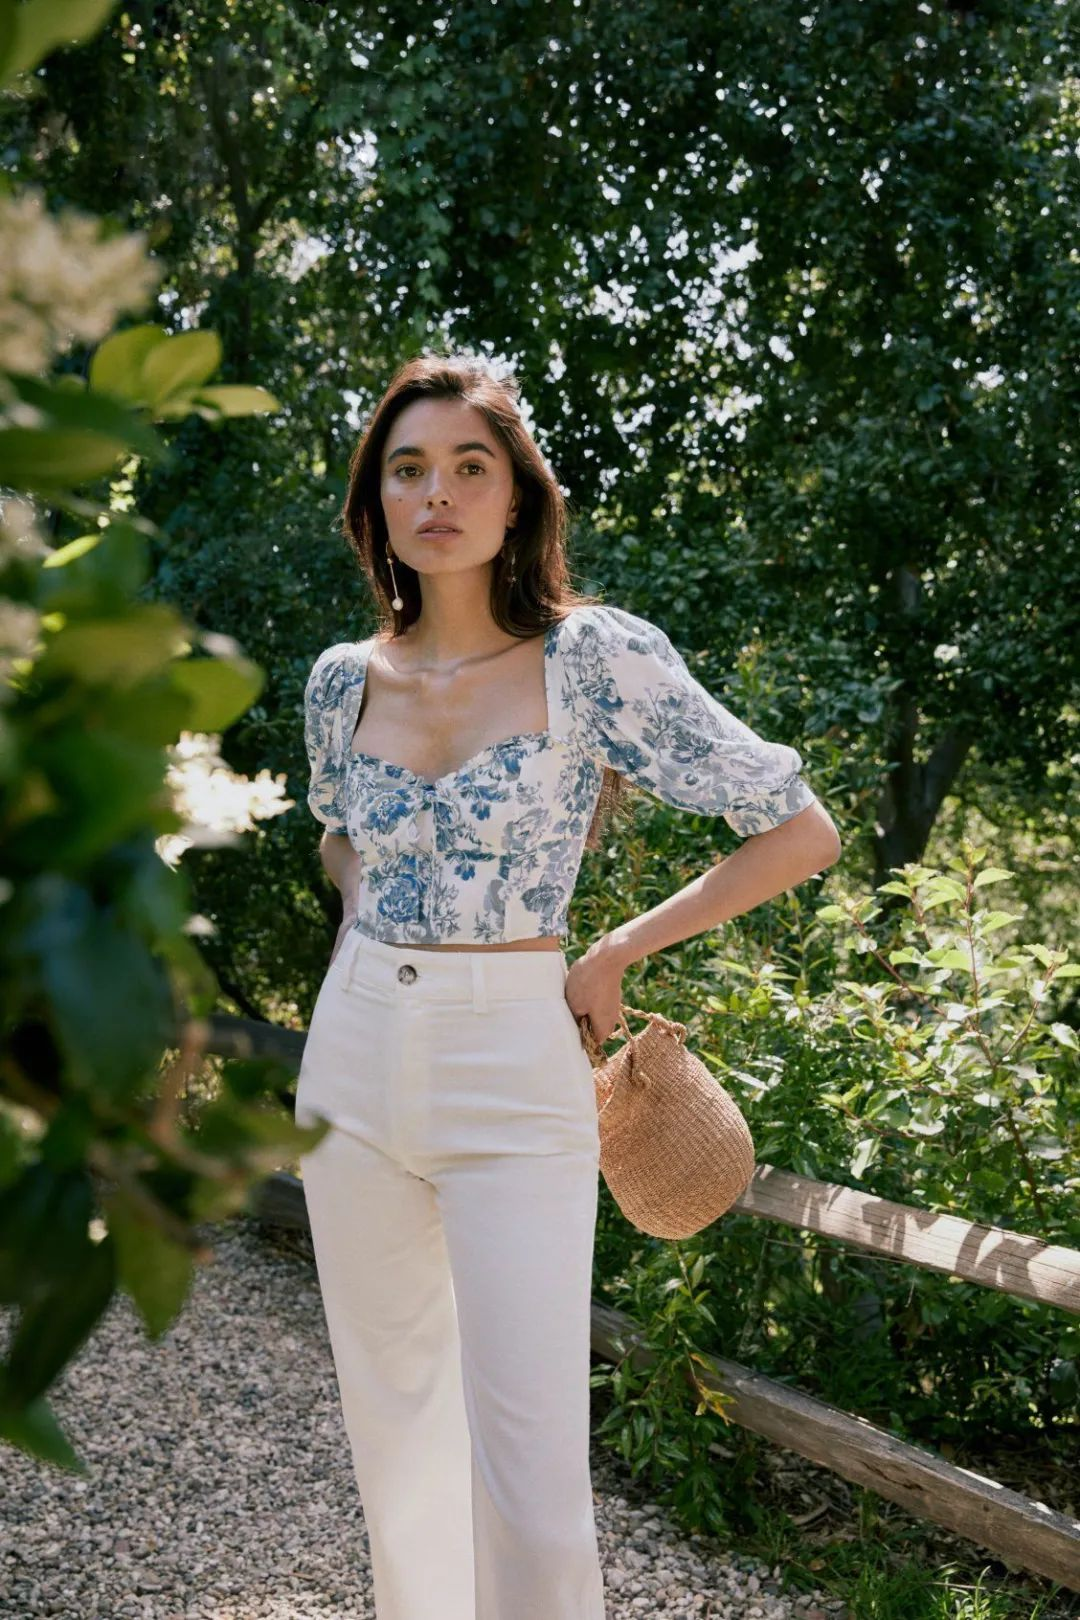 Diện áo blouse hoa với quần jeans là bạn đã có set đồ vừa trẻ trung vừa năng động mà cũng 'thơ' ra trò.